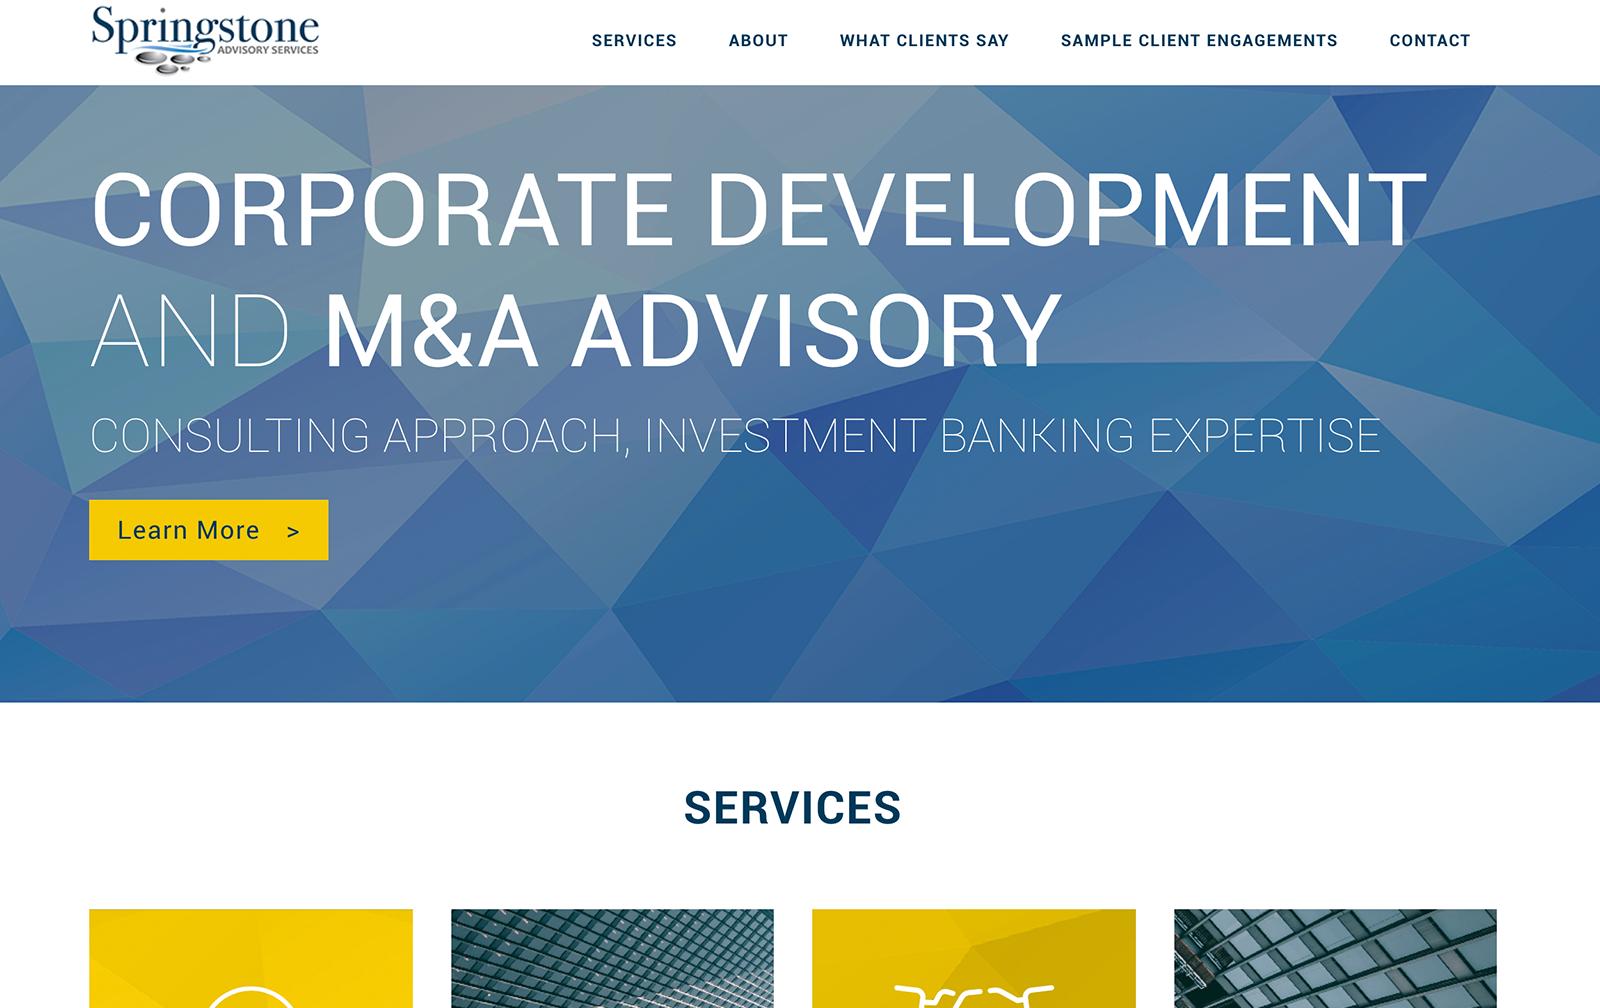 springstone advisory partners website desktop